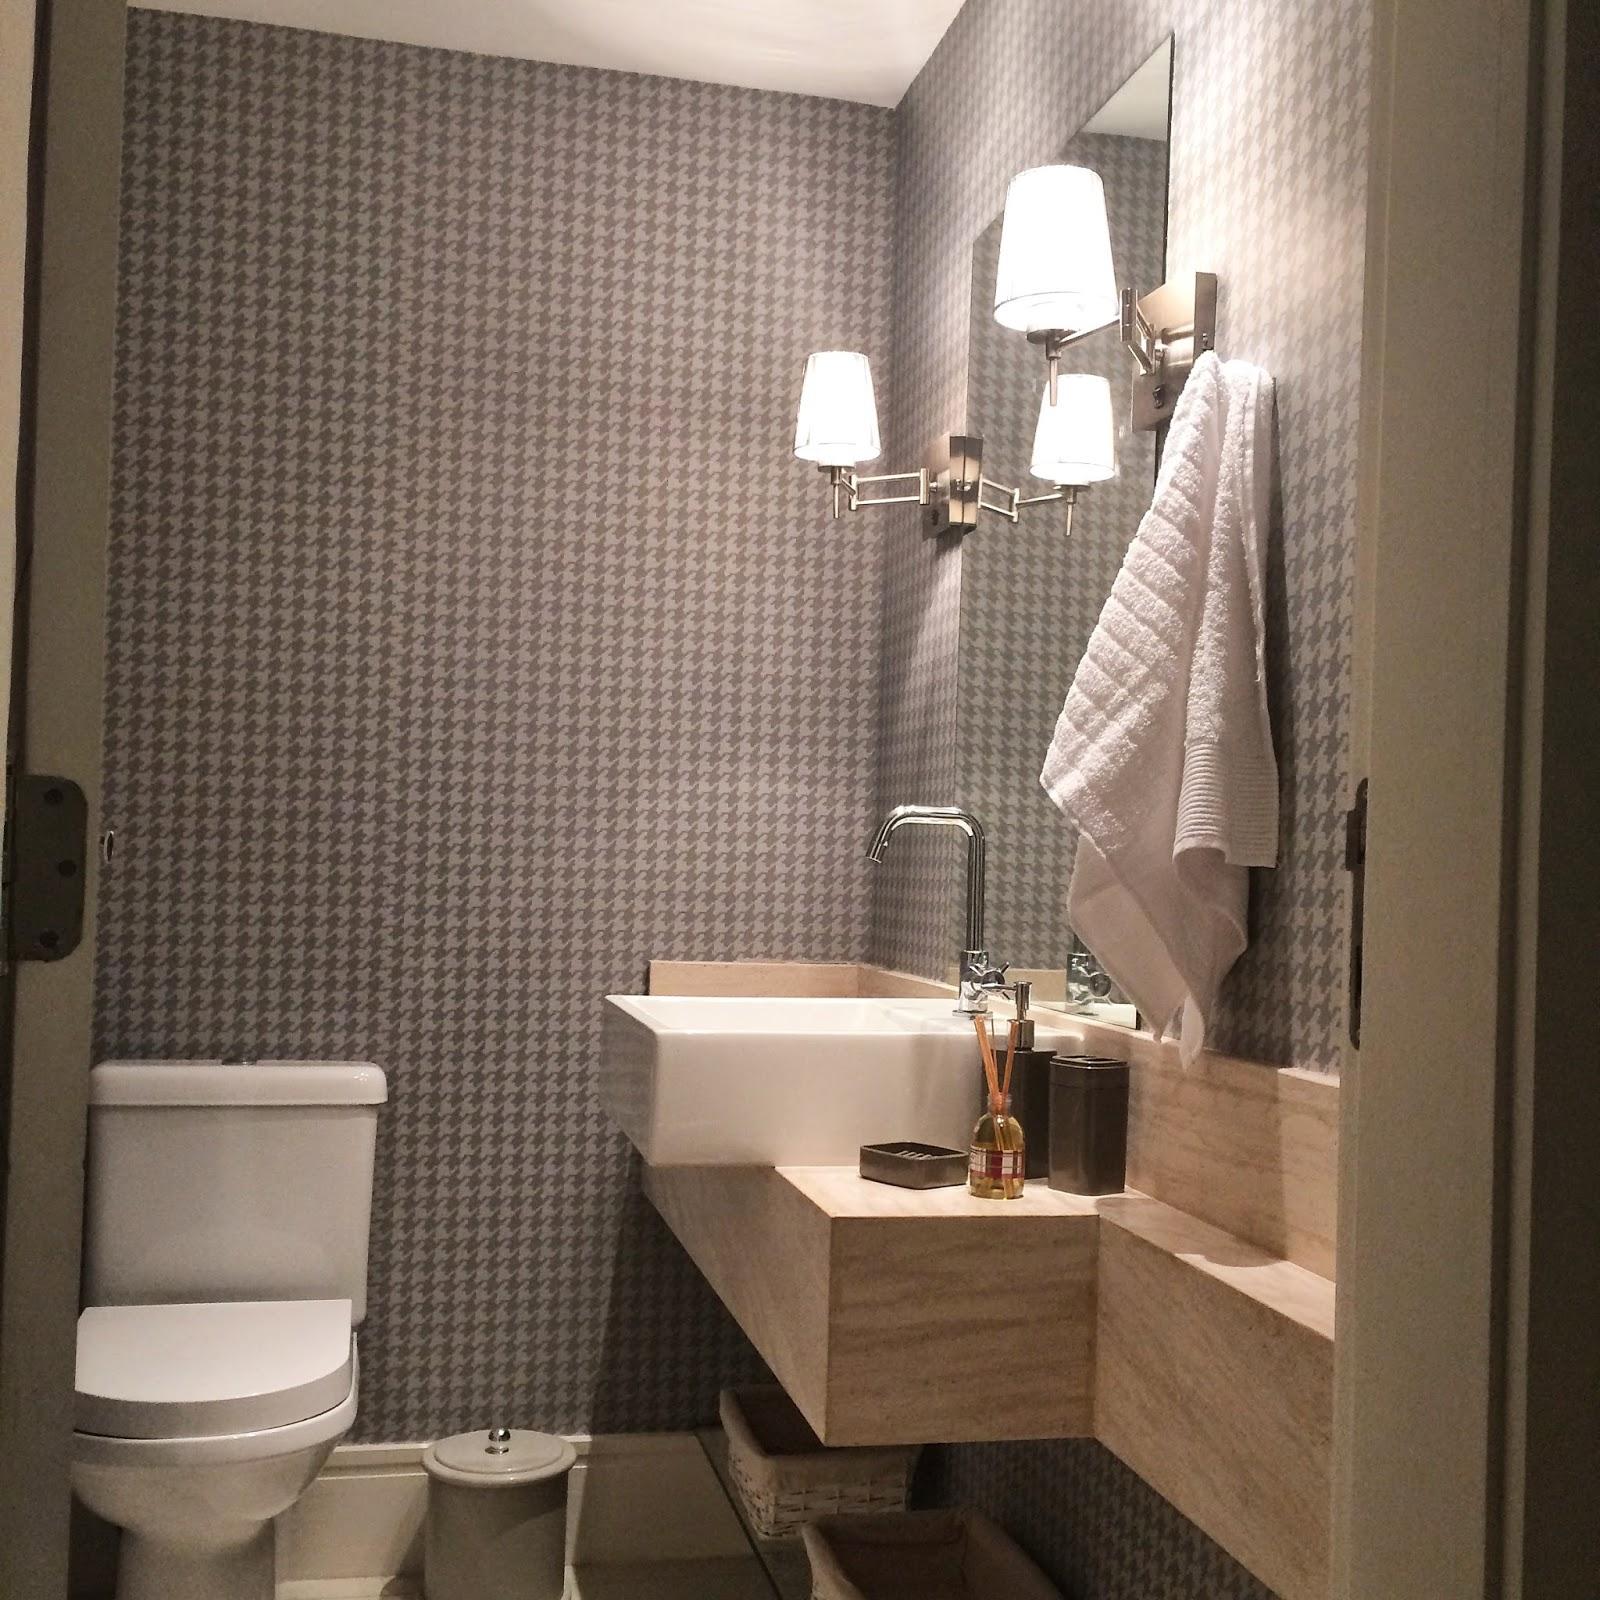 Blog luz design lavabo bacana gastando pouco - Revestimiento de paredes leroy merlin ...